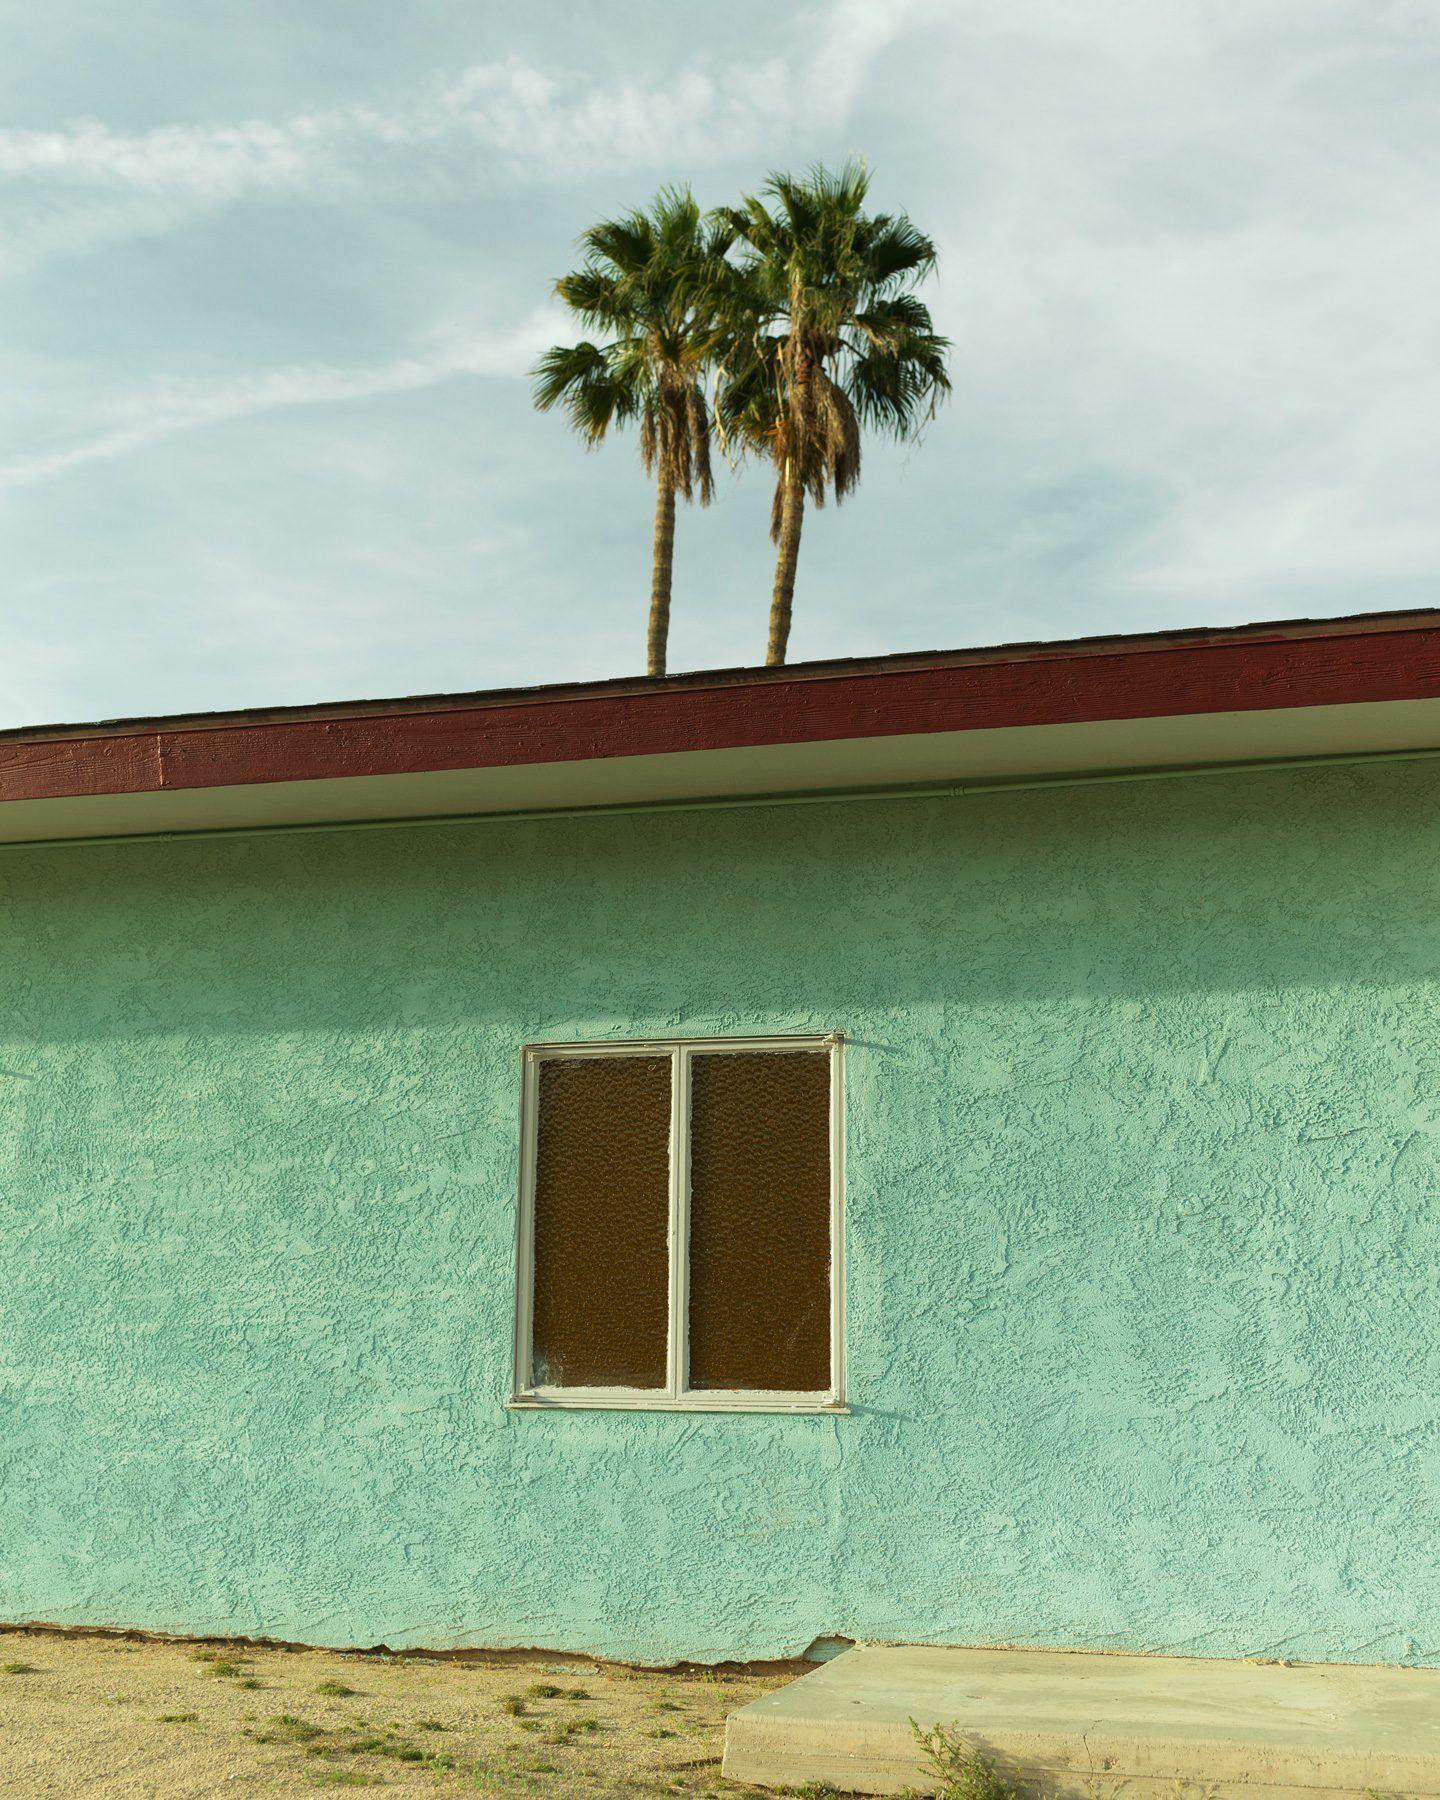 California2020 (c) Nina Raasch